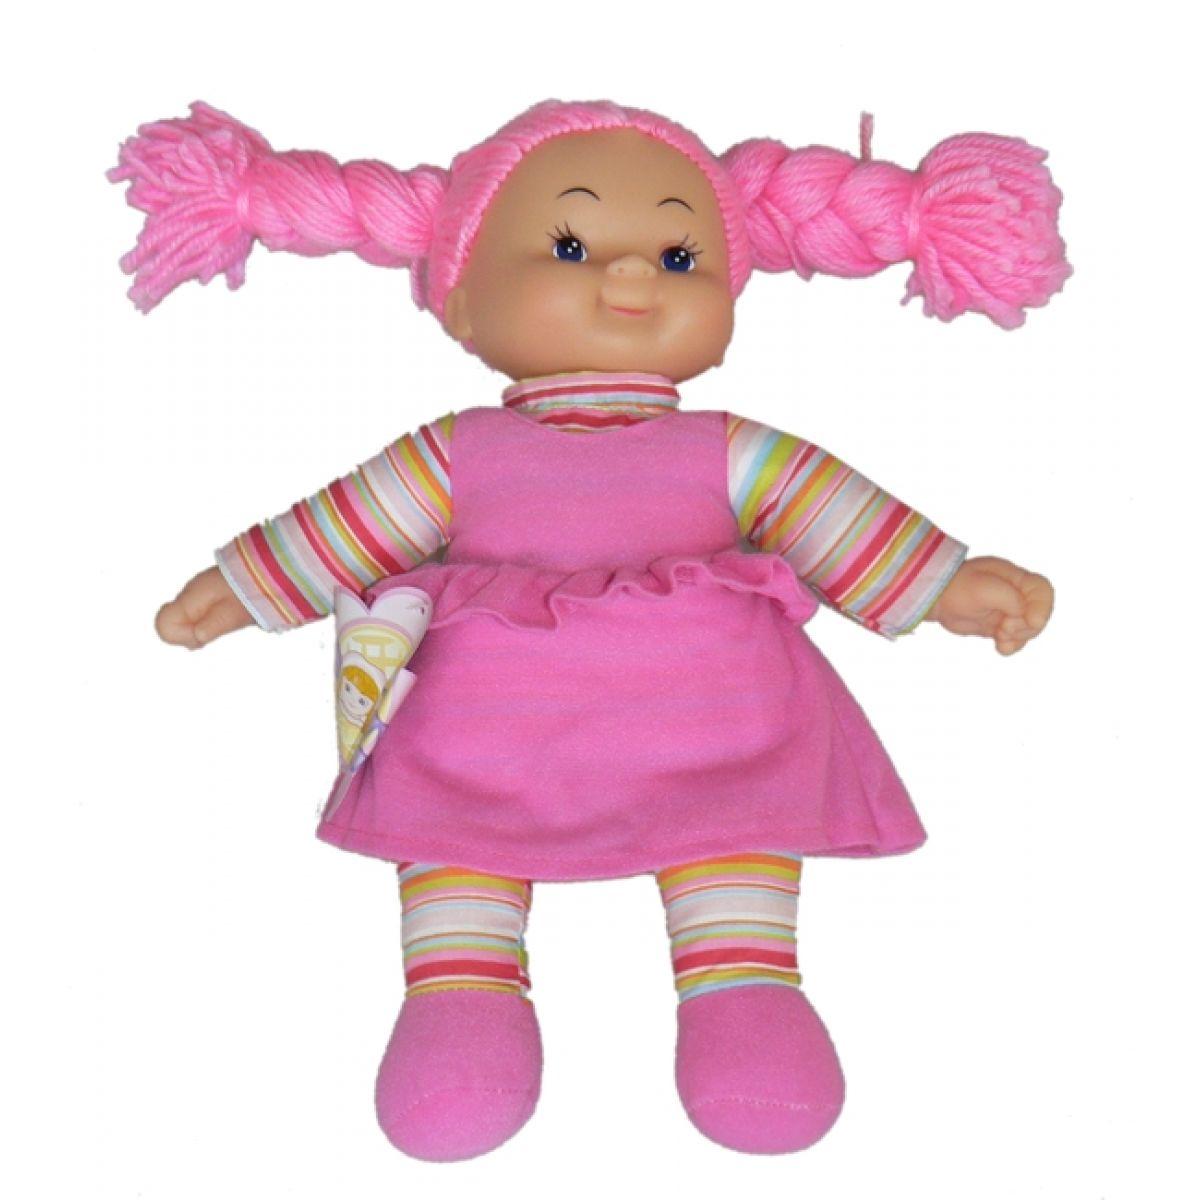 Simba Látková panenka Cheeky 38 cm Vlasy růžové zapletené